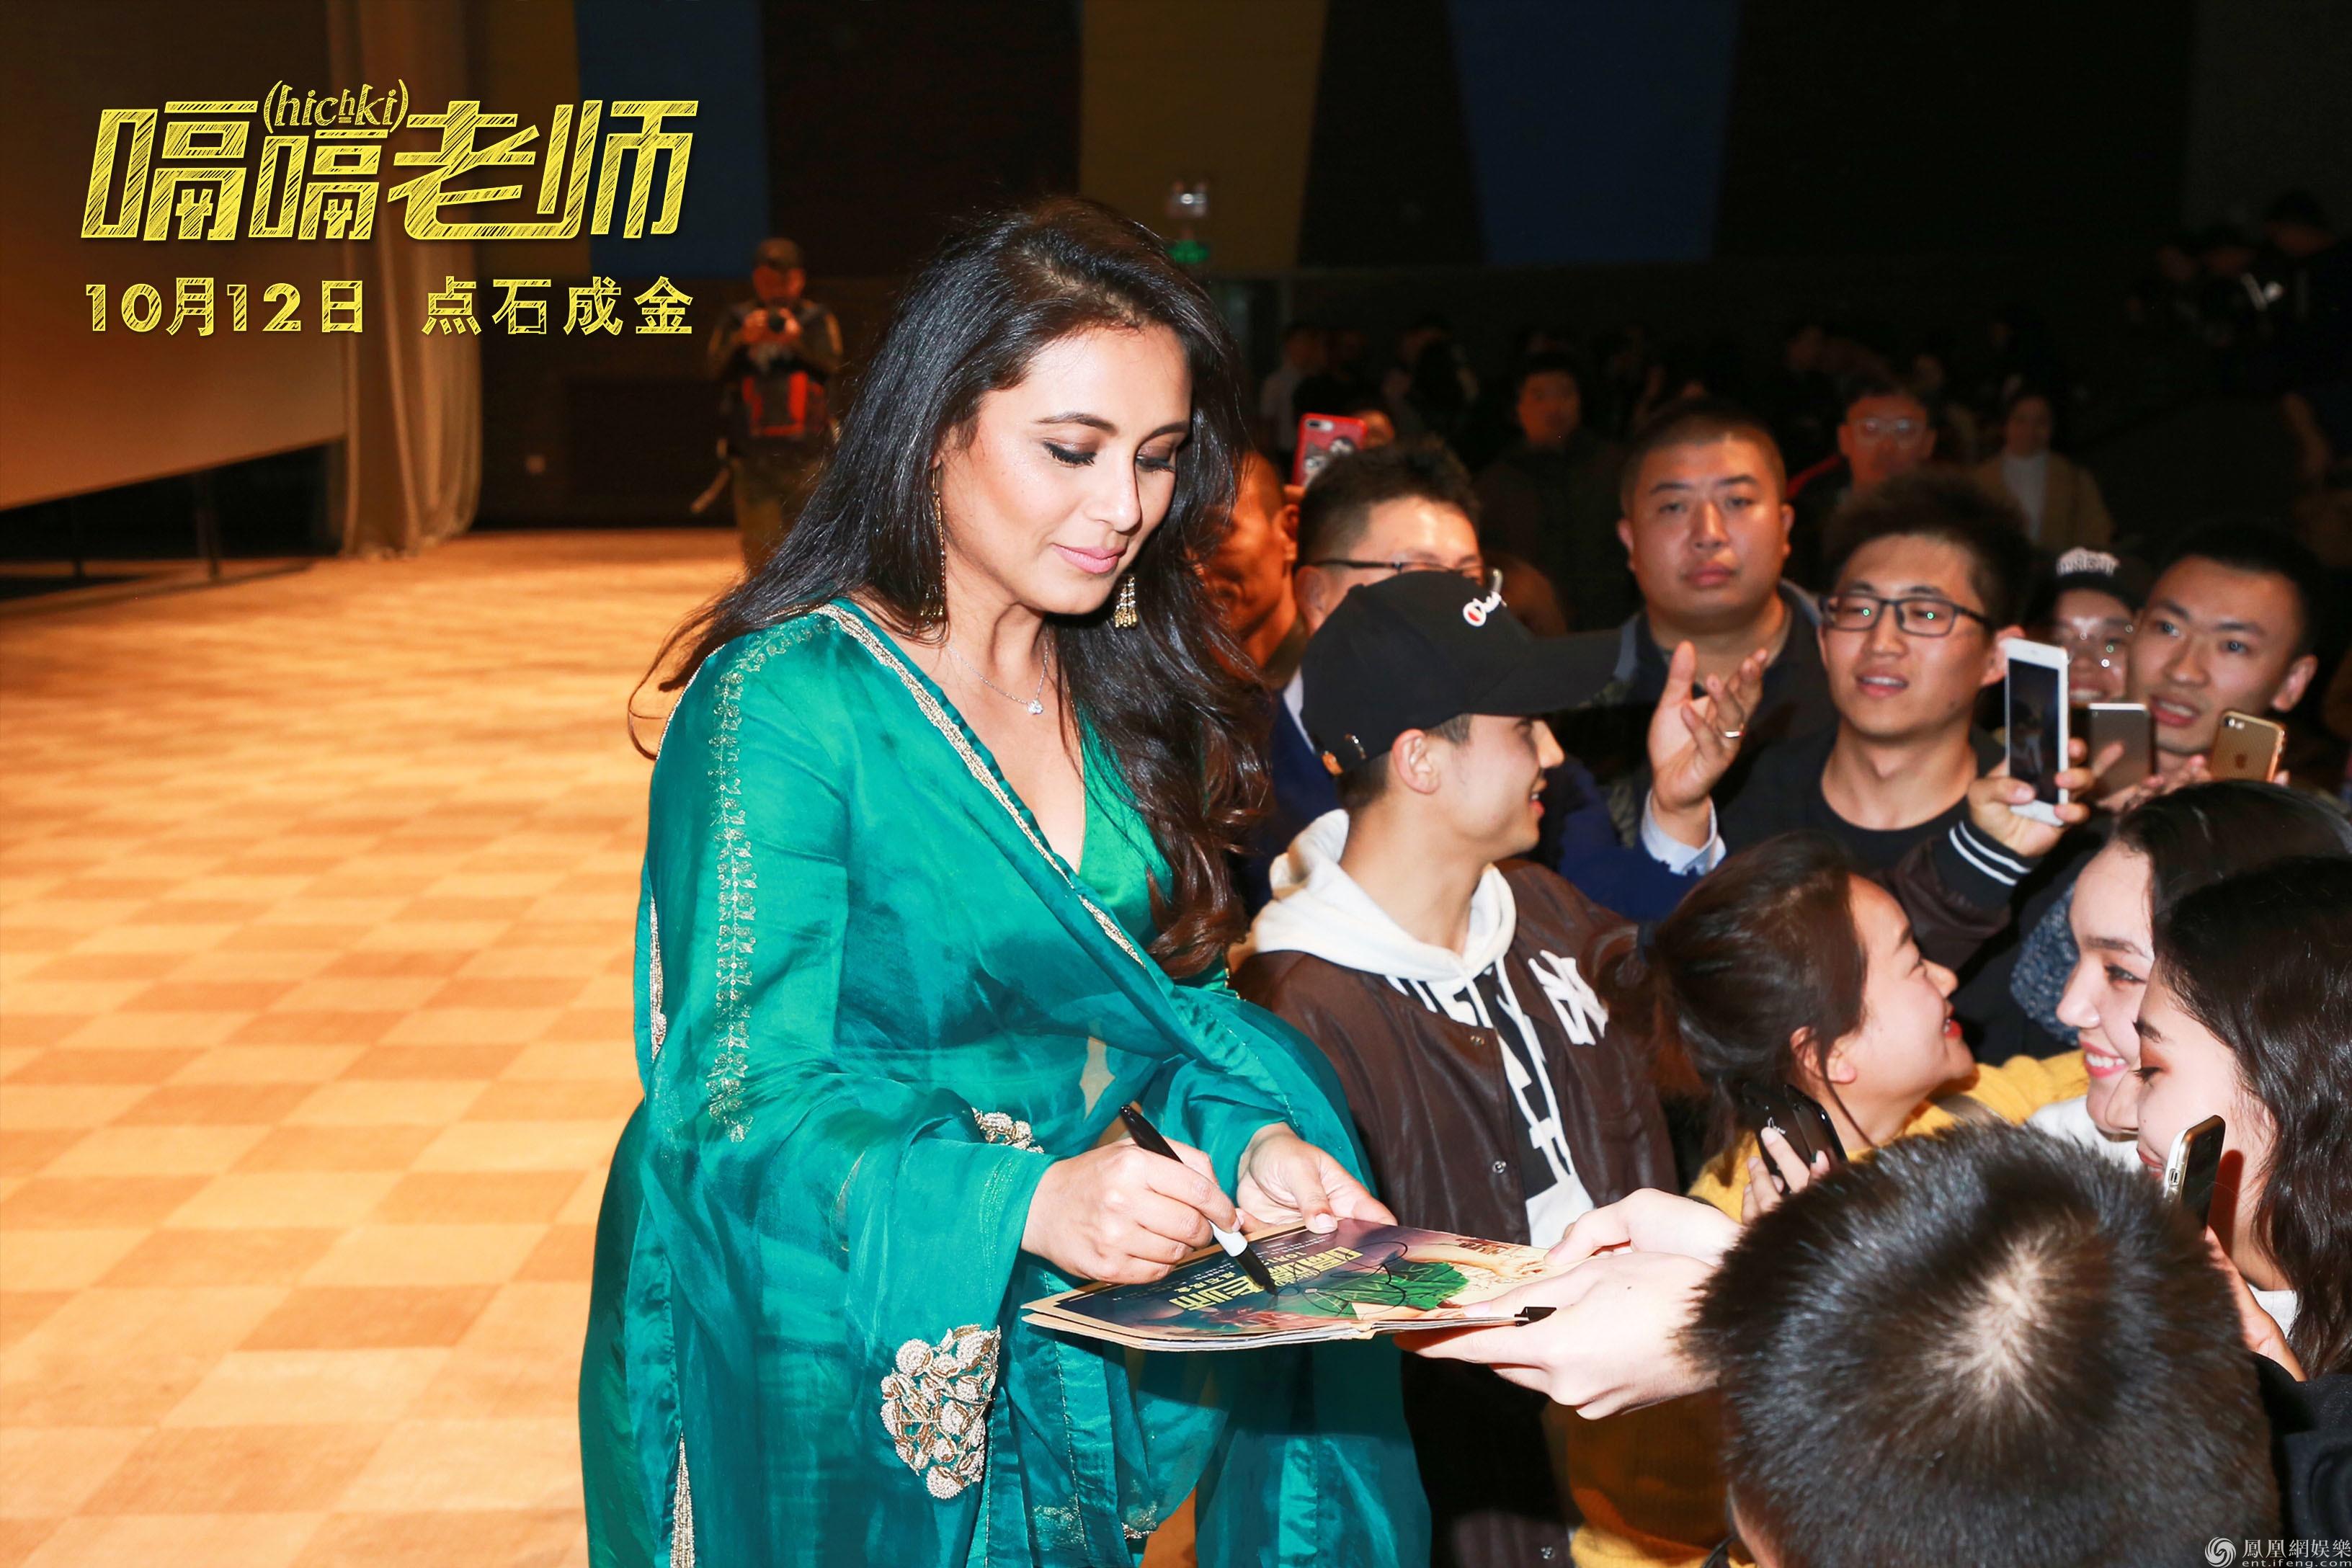 《嗝嗝老师》北京举办首映礼 拉妮・穆赫吉来华助阵